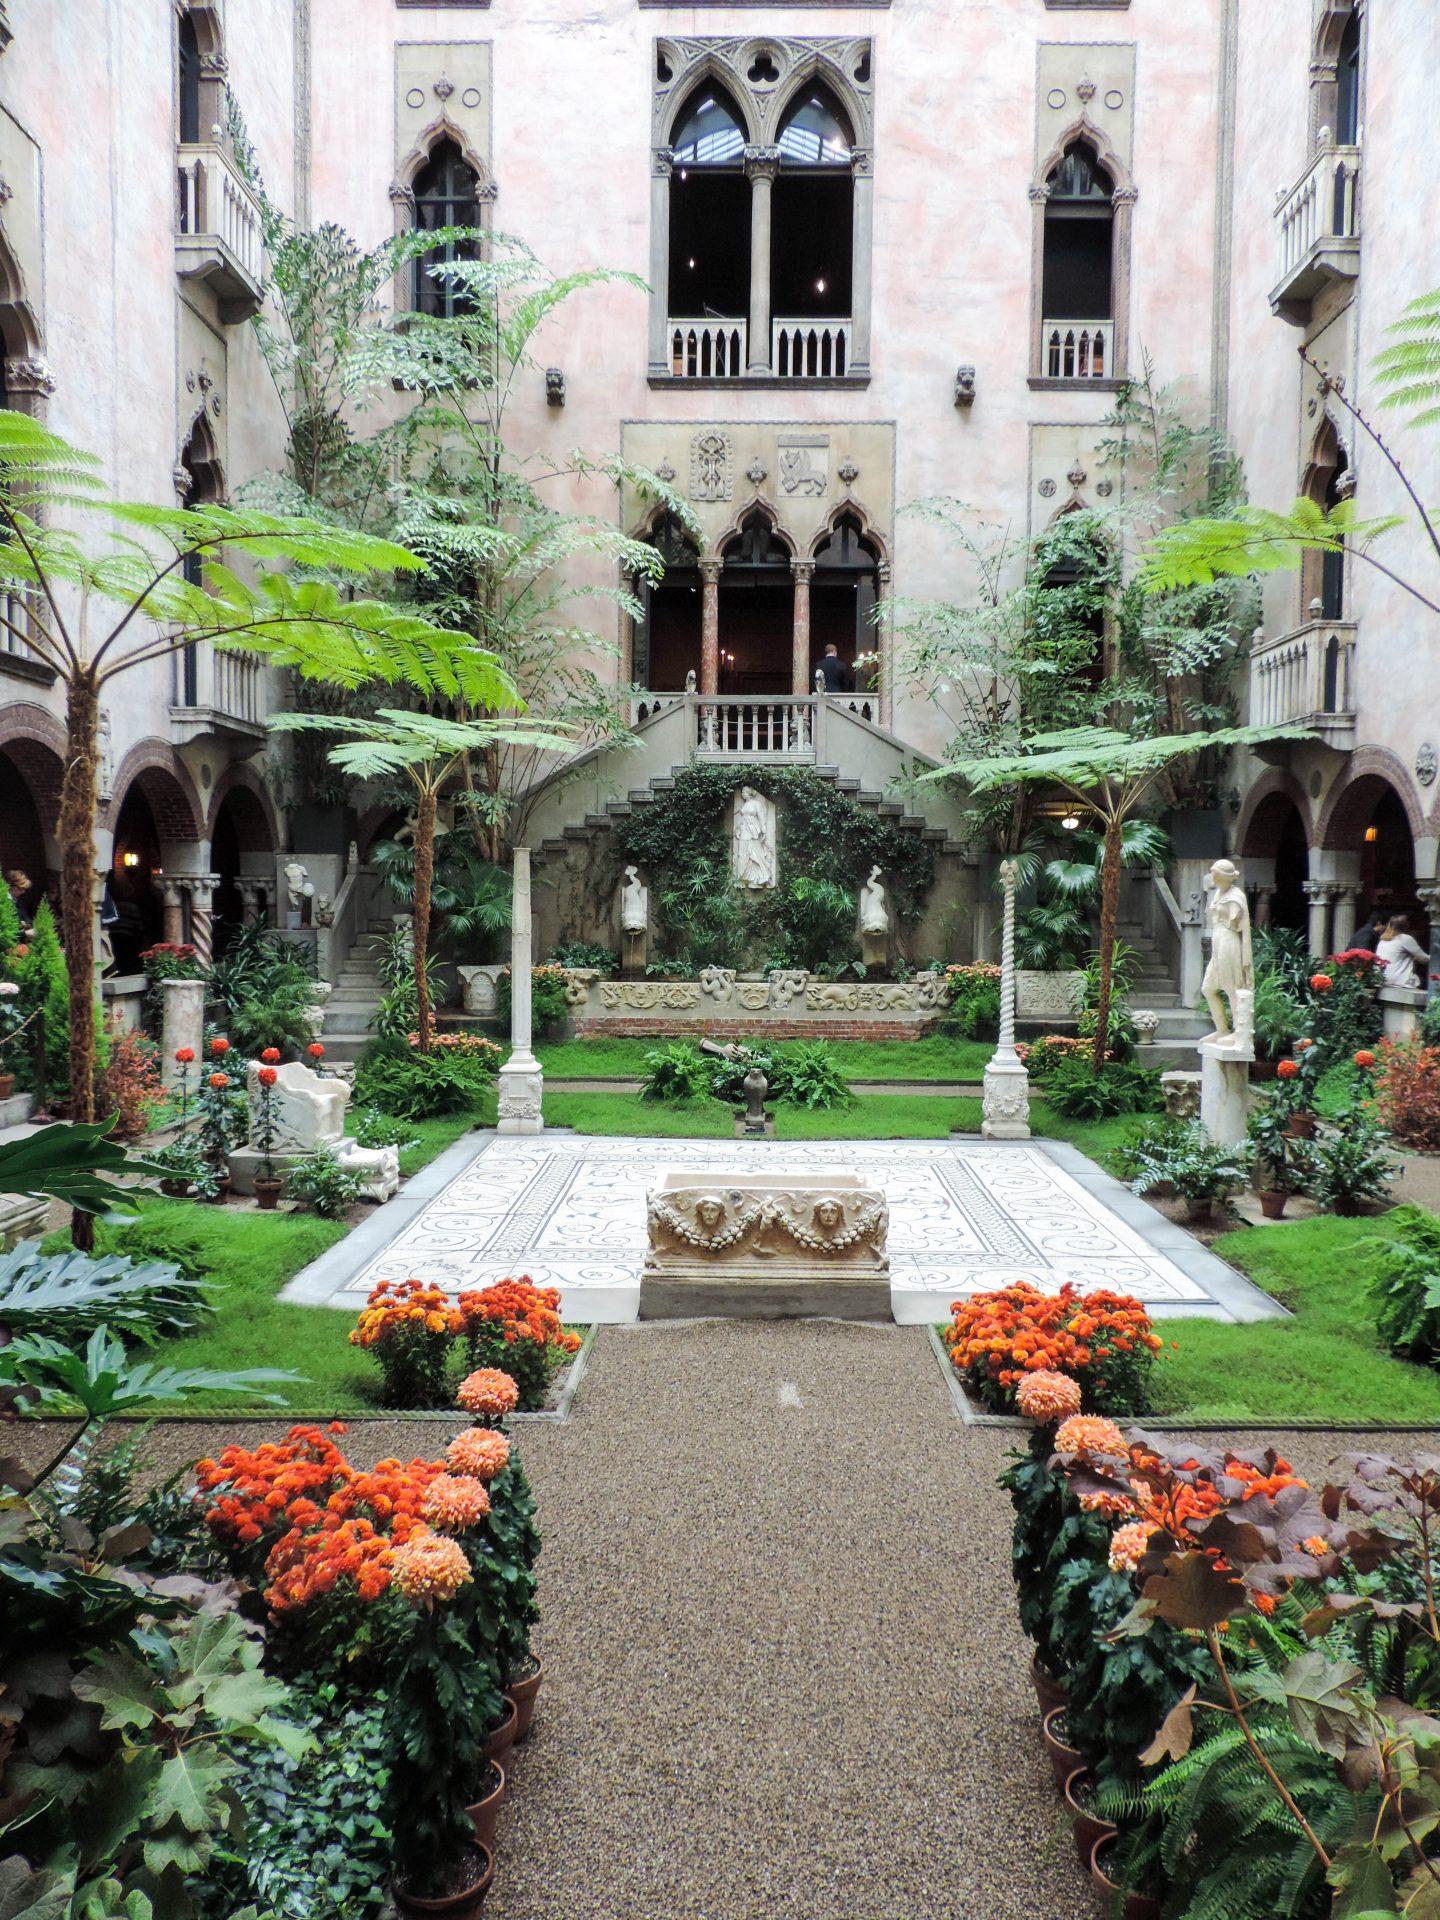 Boston Buzz: Isabella Stewart Gardner Museum